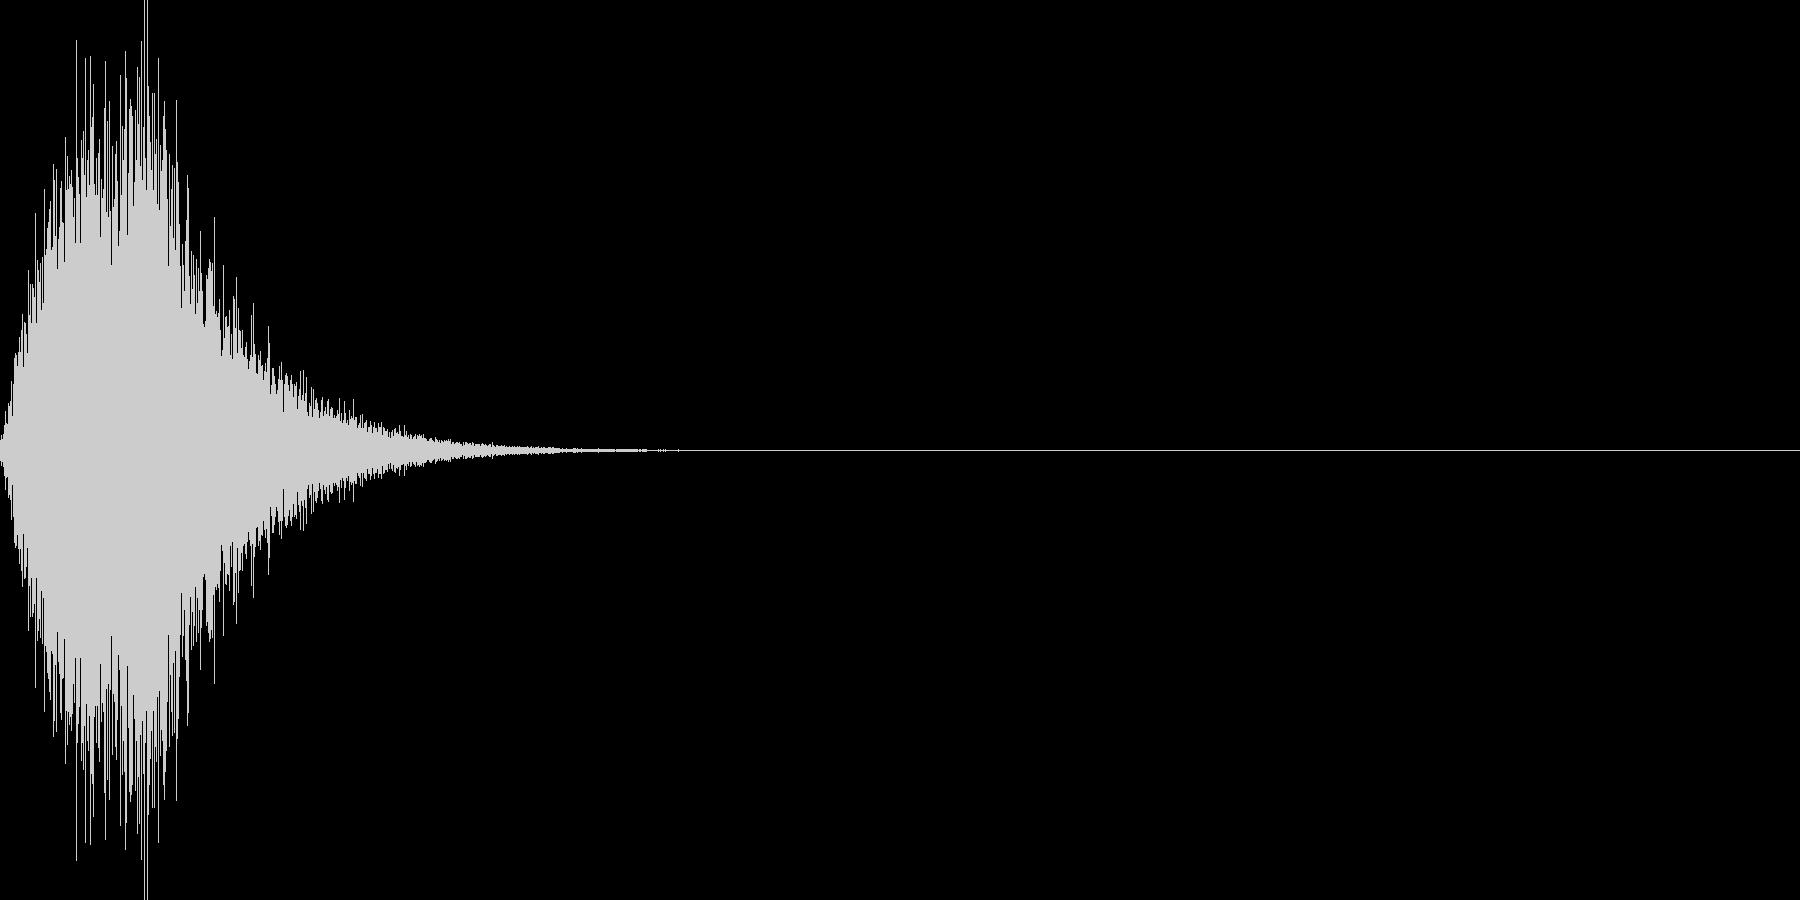 ゲームウィンドウを開くの未再生の波形